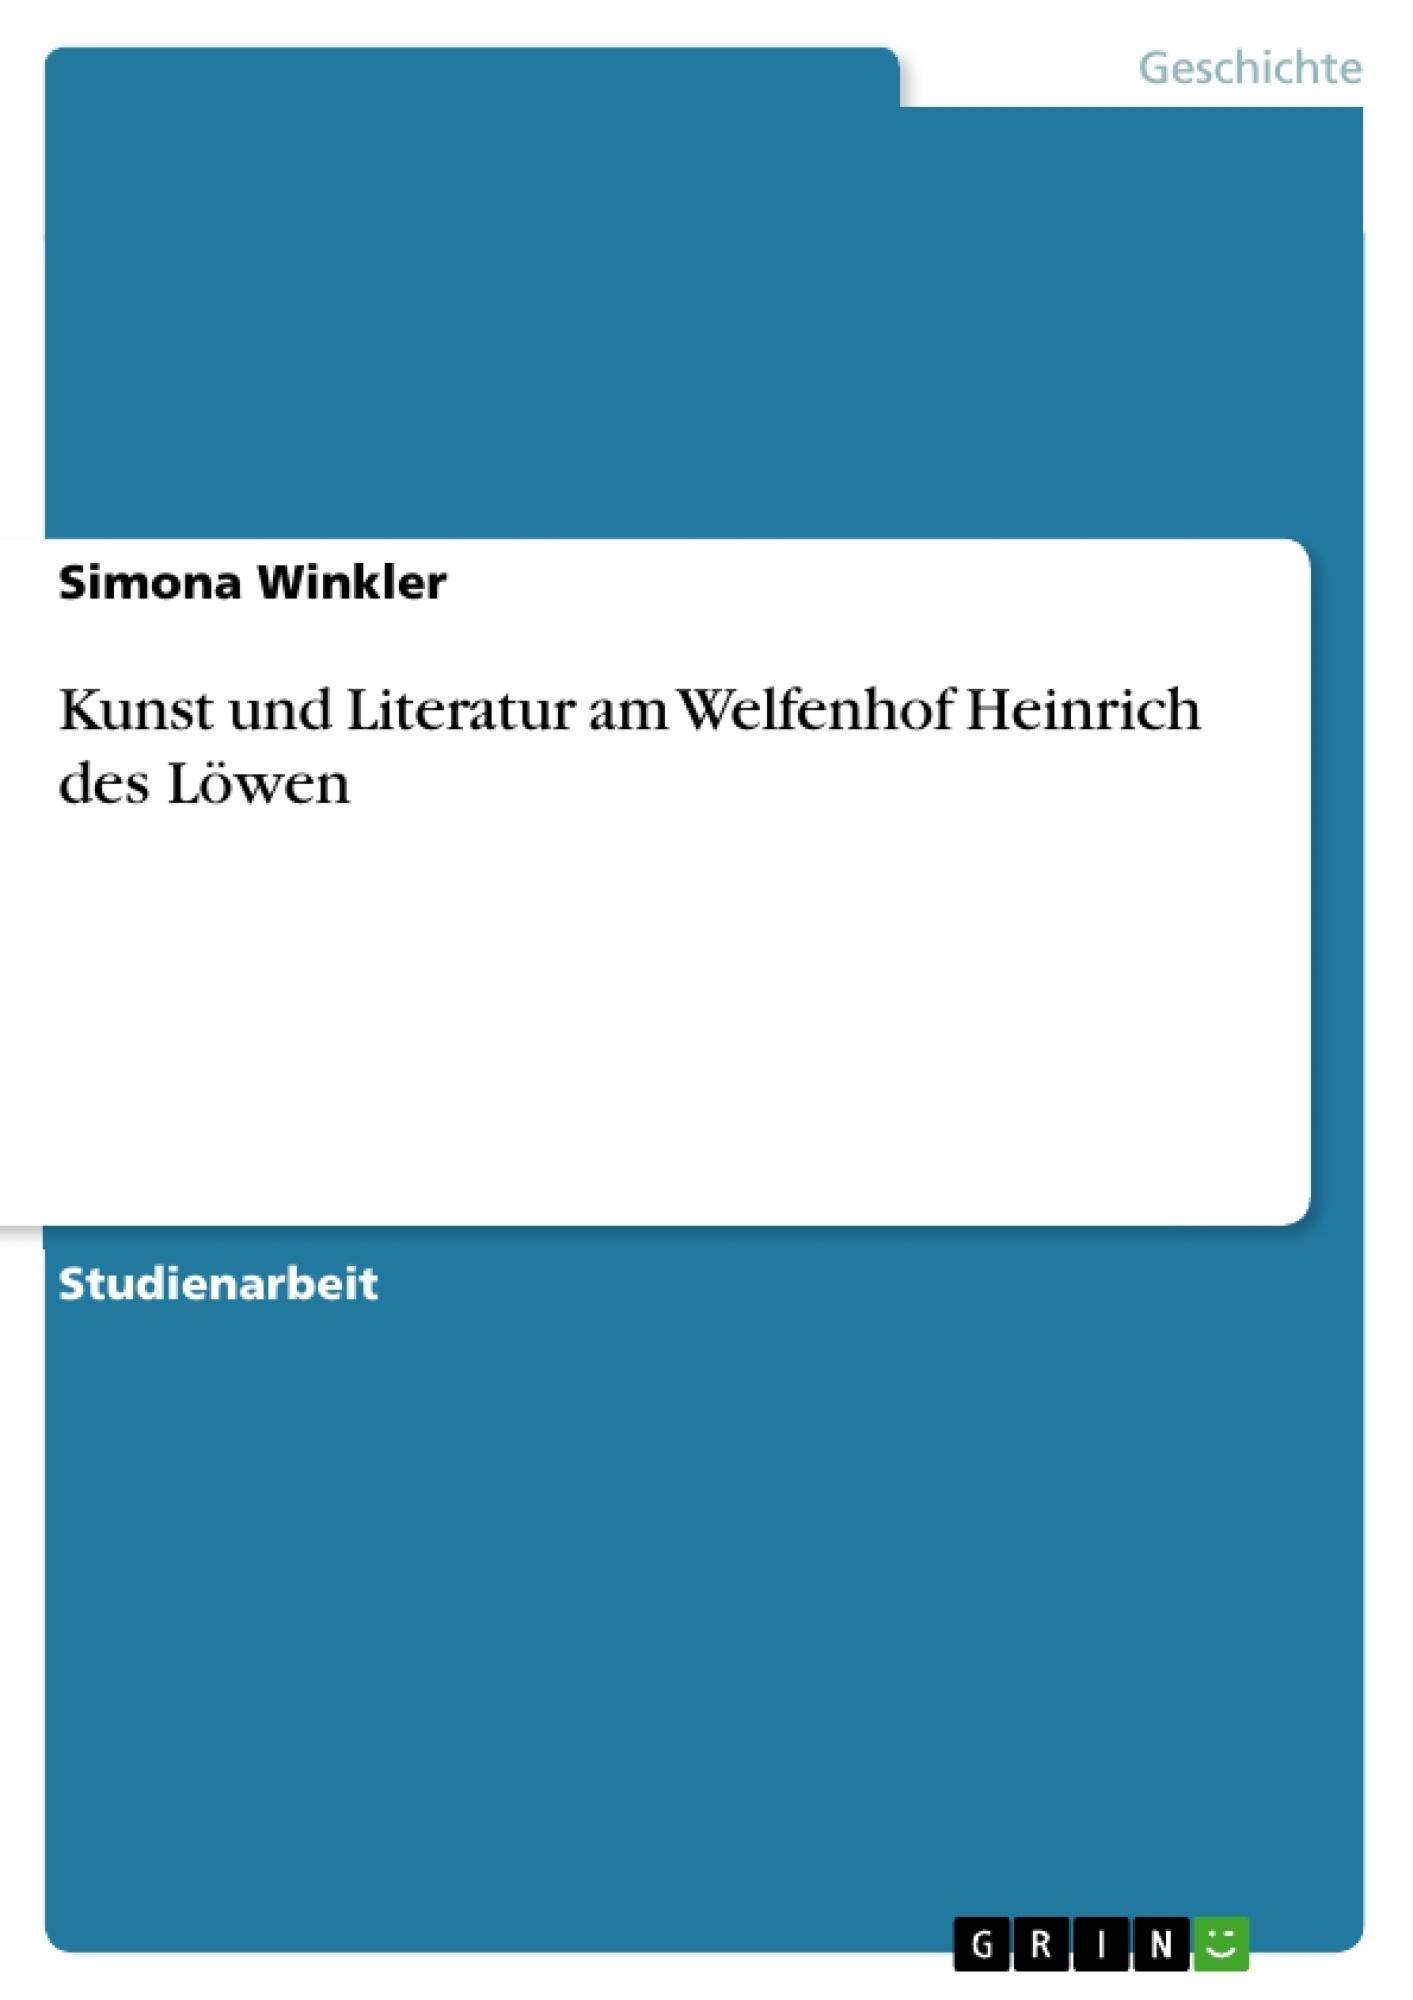 Titel: Kunst und Literatur am Welfenhof Heinrich des Löwen